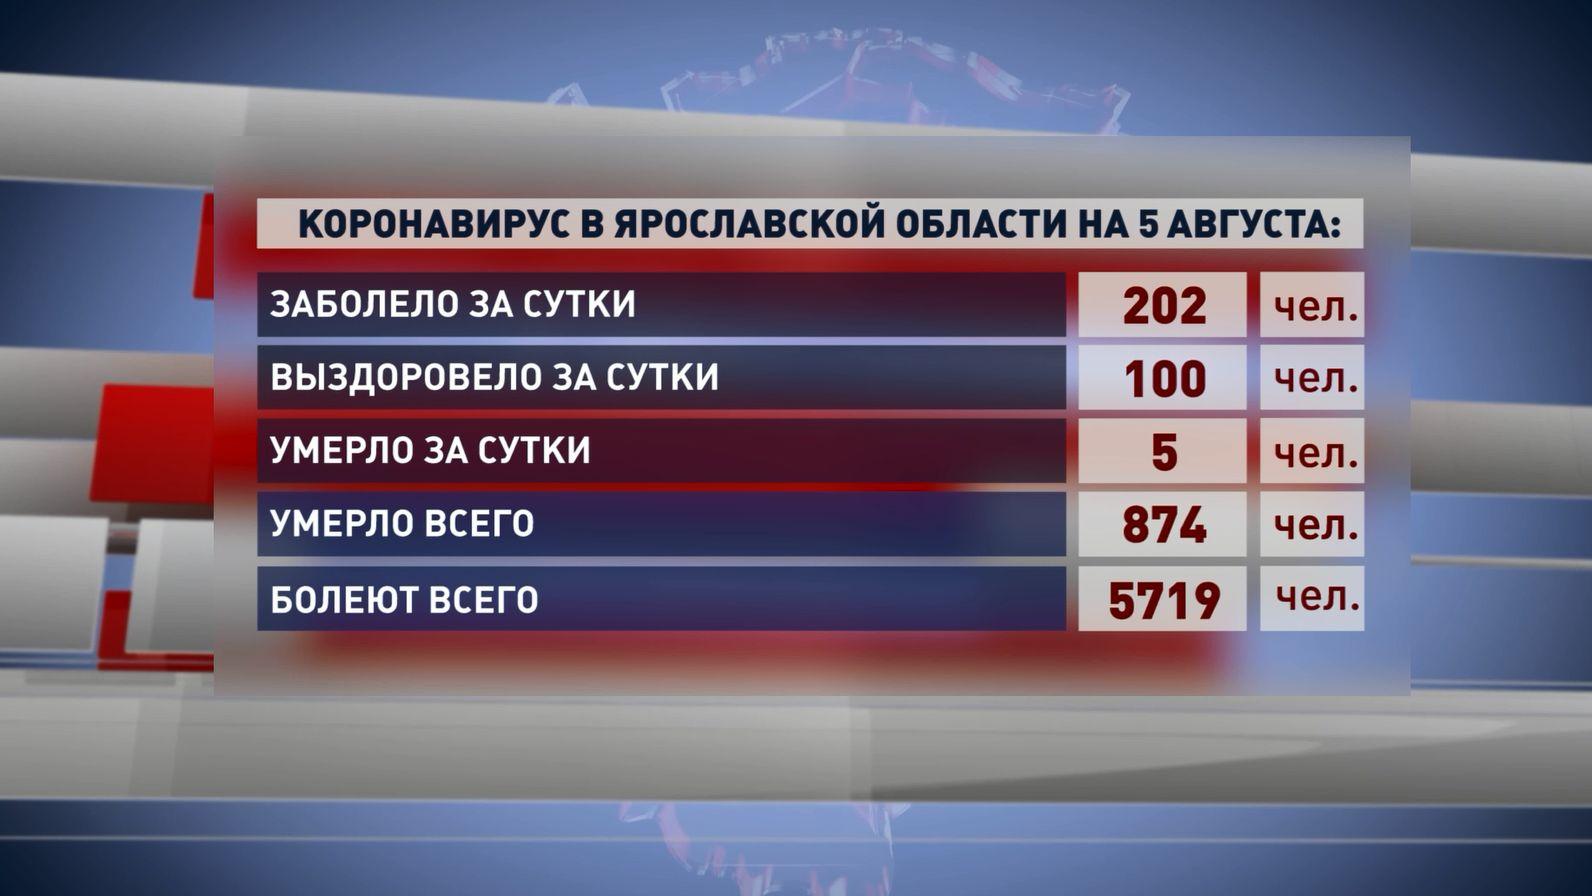 Ровно 100 жителей региона закрыли свои больничные с диагнозом ковид-19